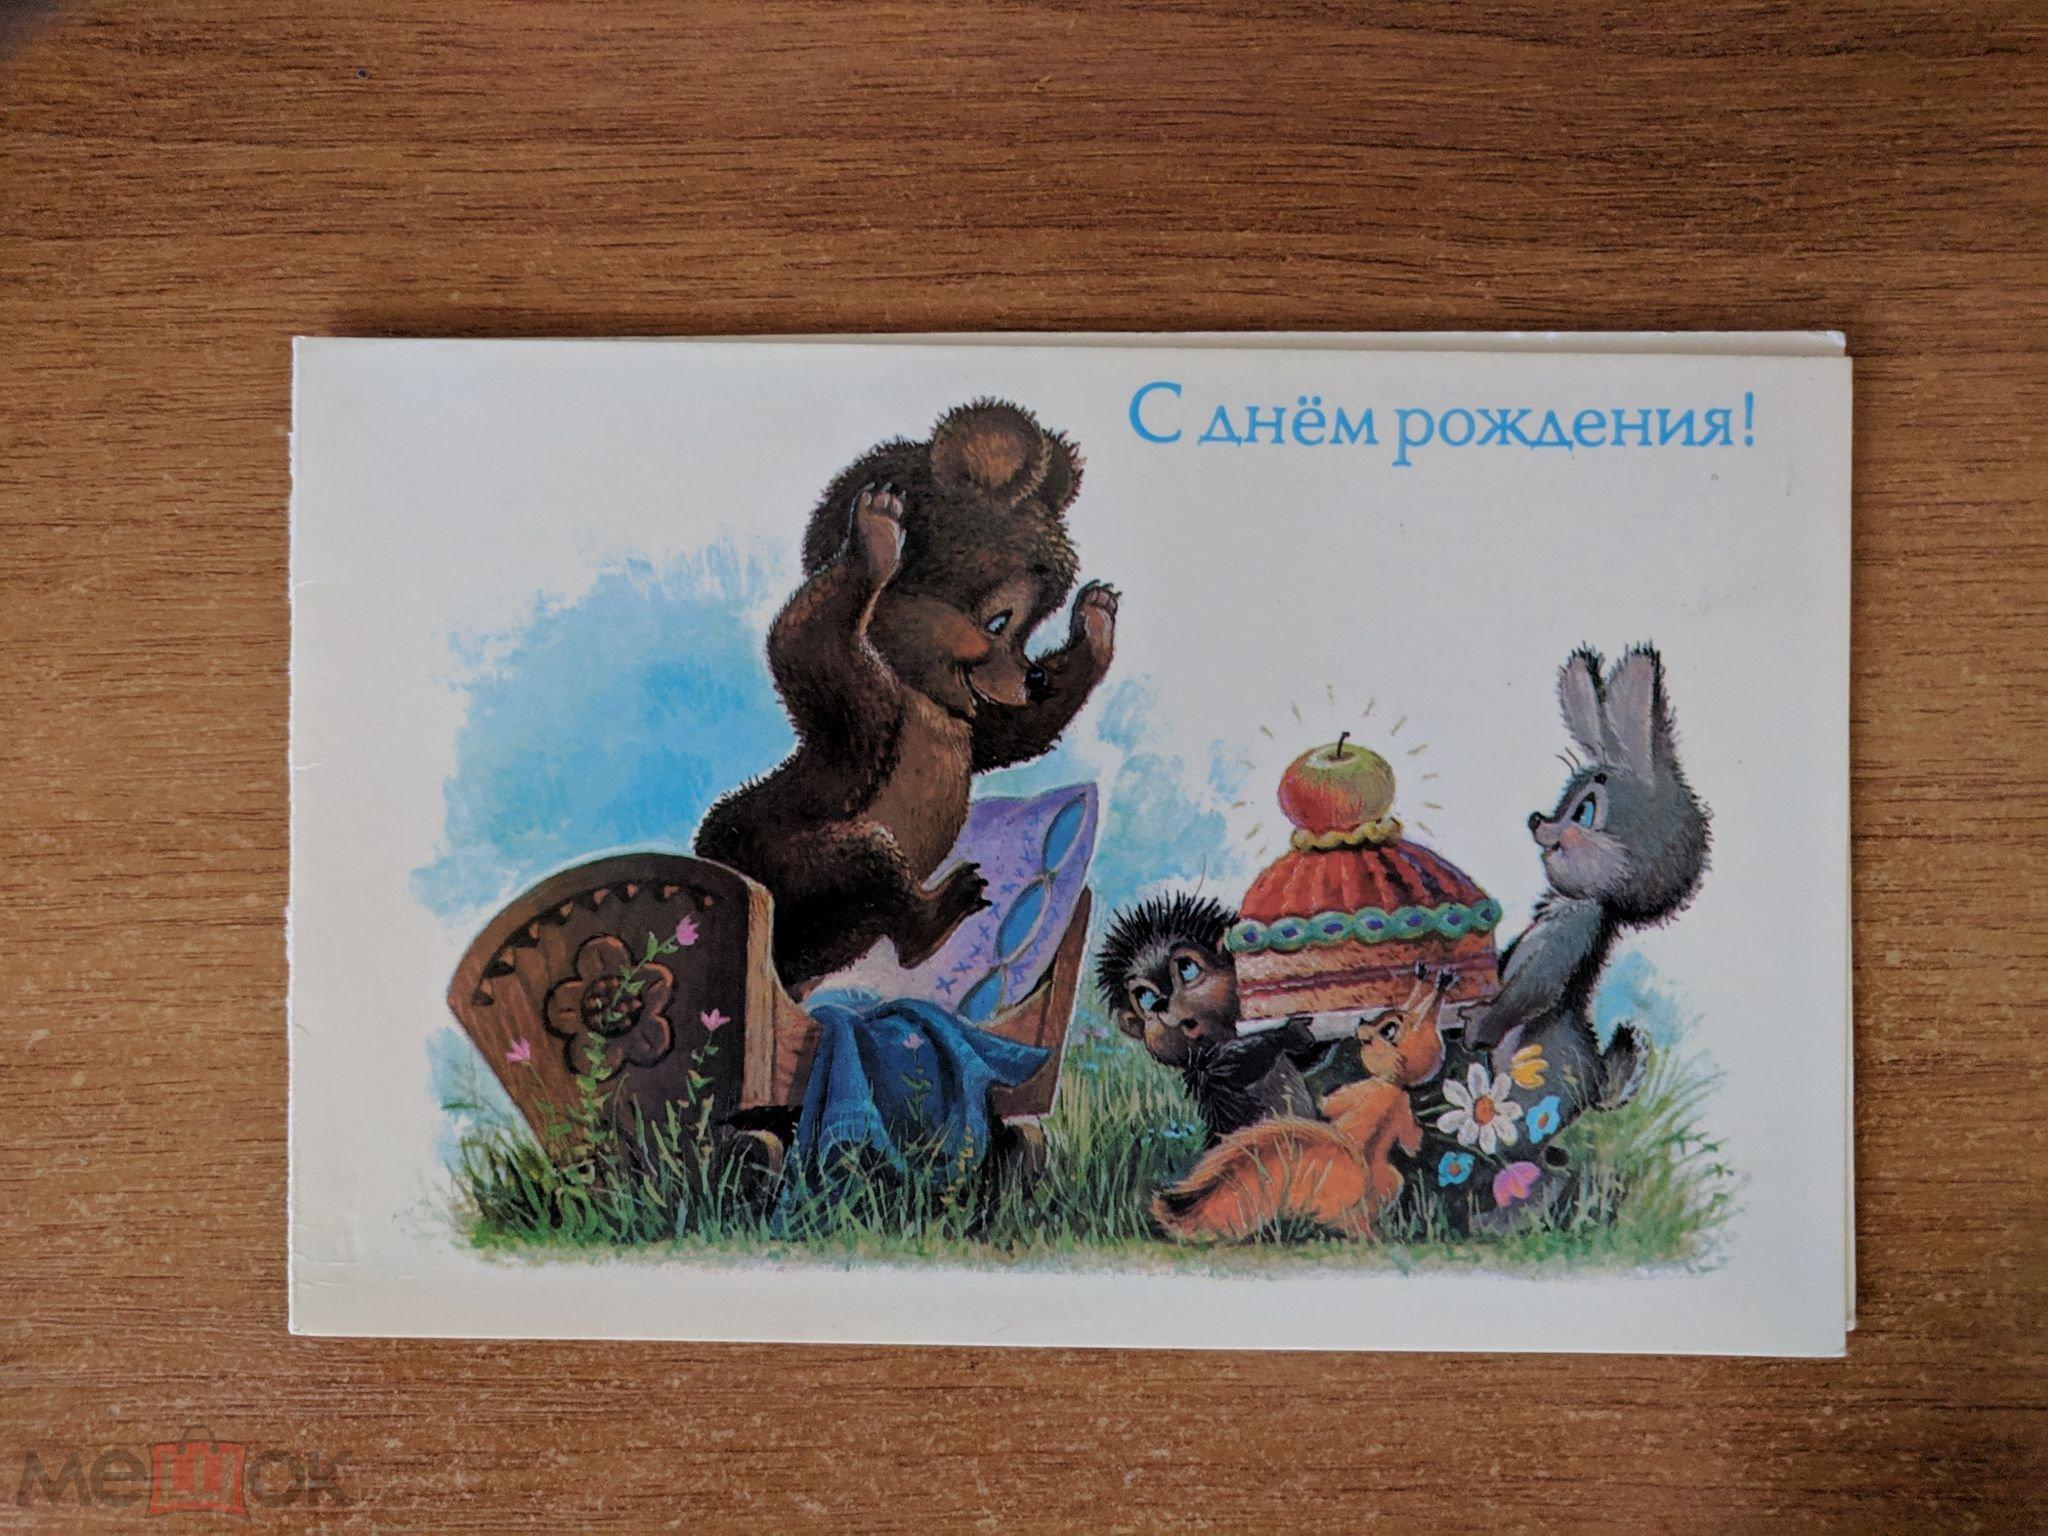 Открытка для мужчины с днем рождения украинская сср, картинках анимация надписями